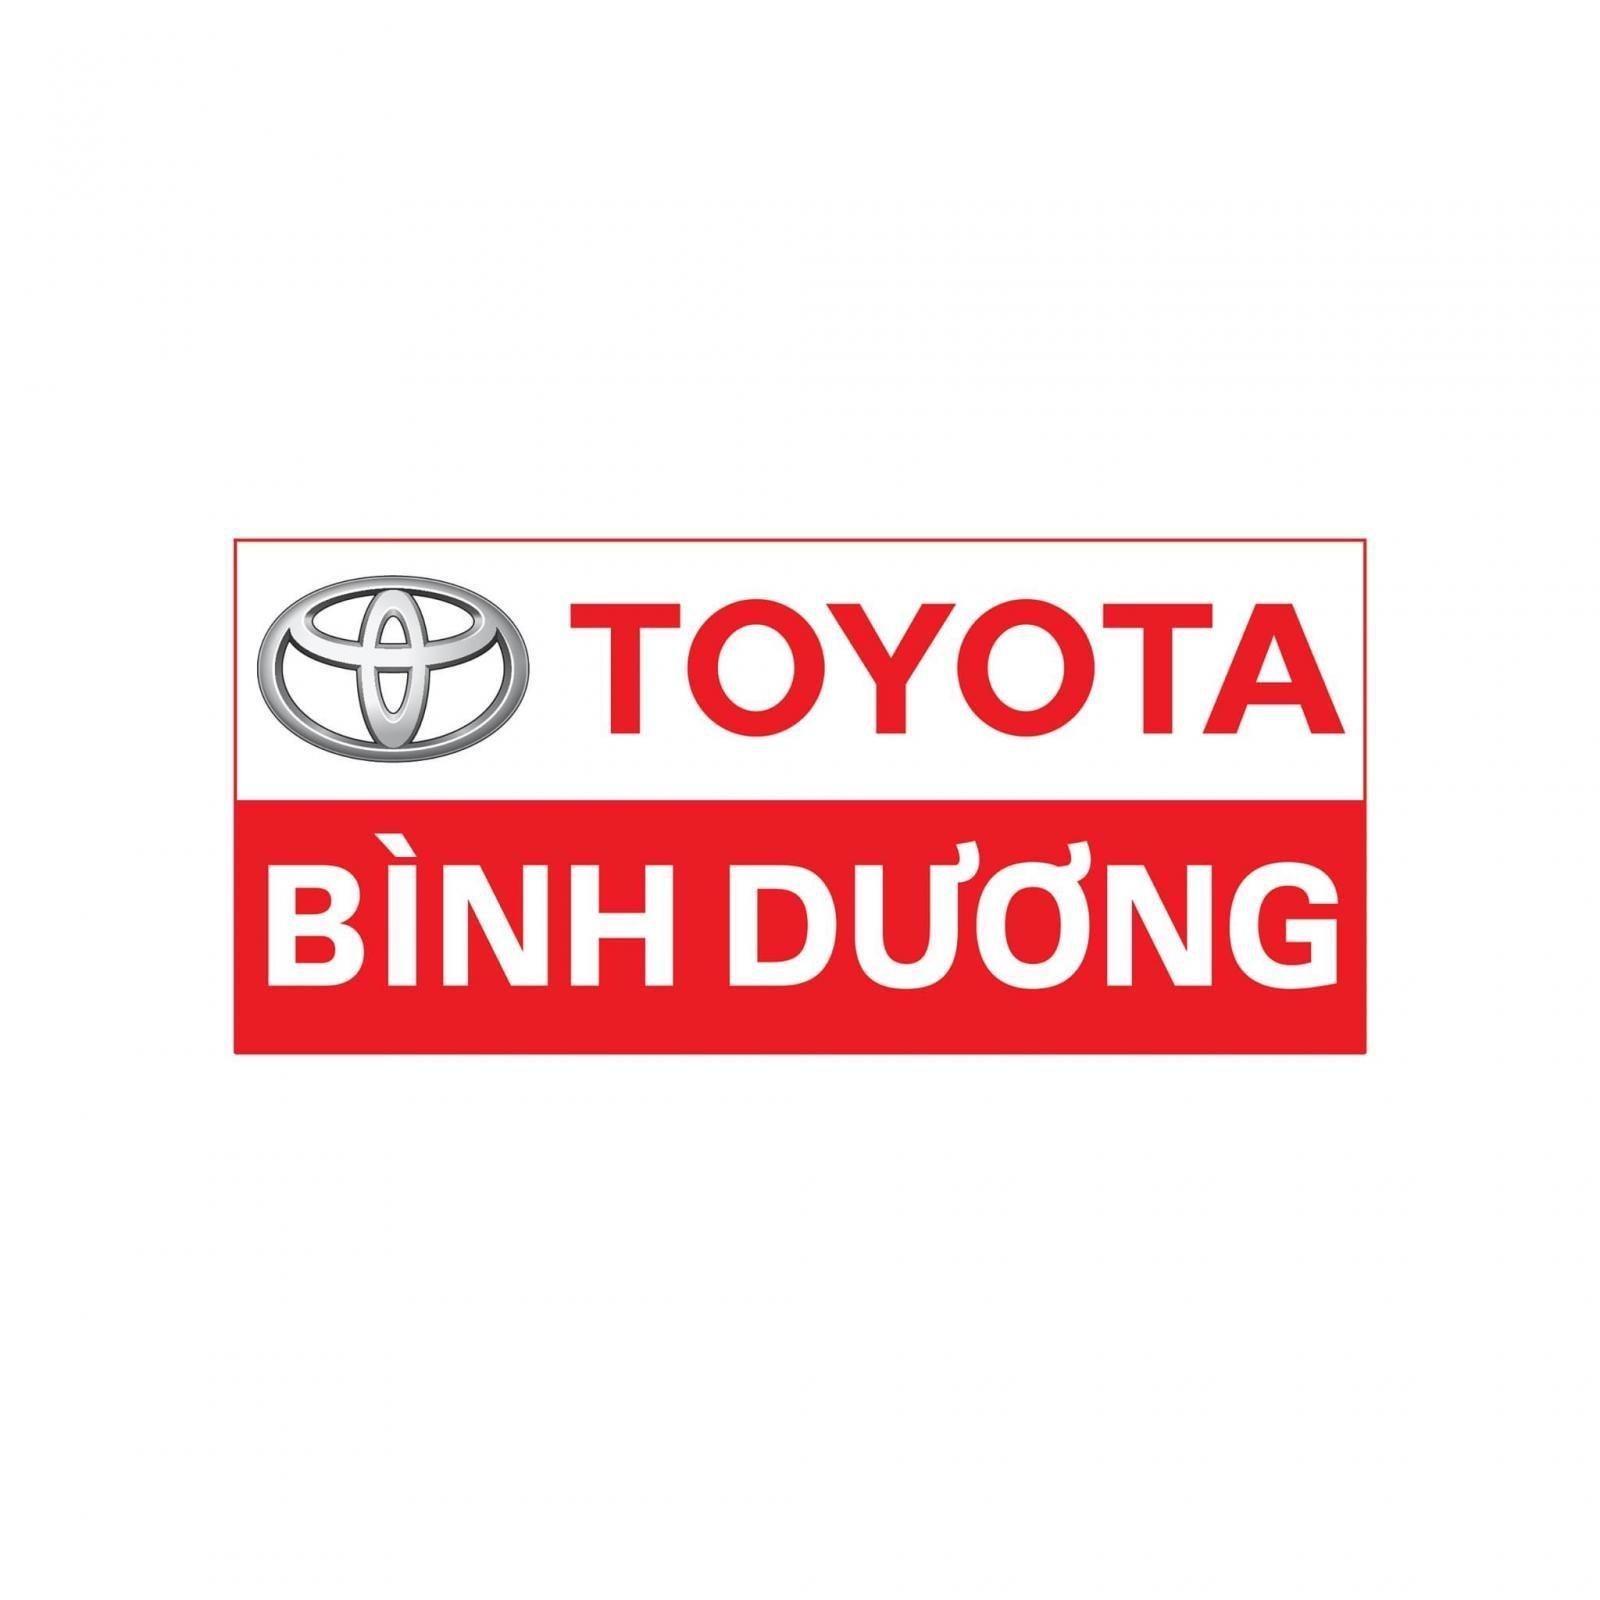 Toyota Bình Dương (1)